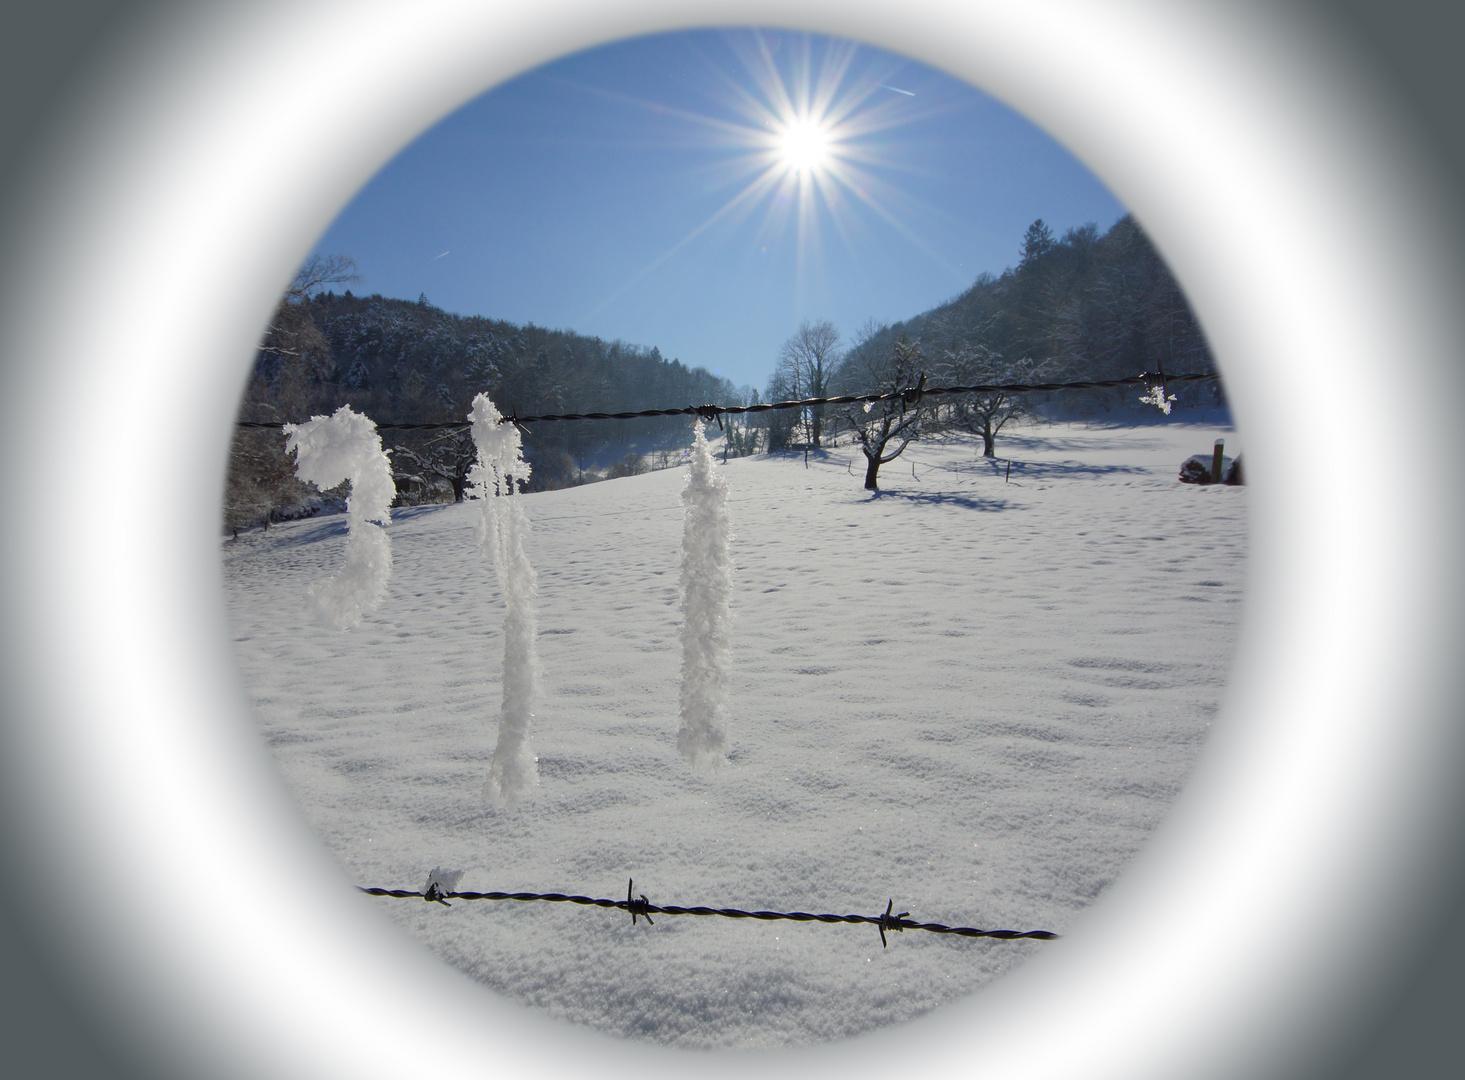 Röhrenblick in den Winter